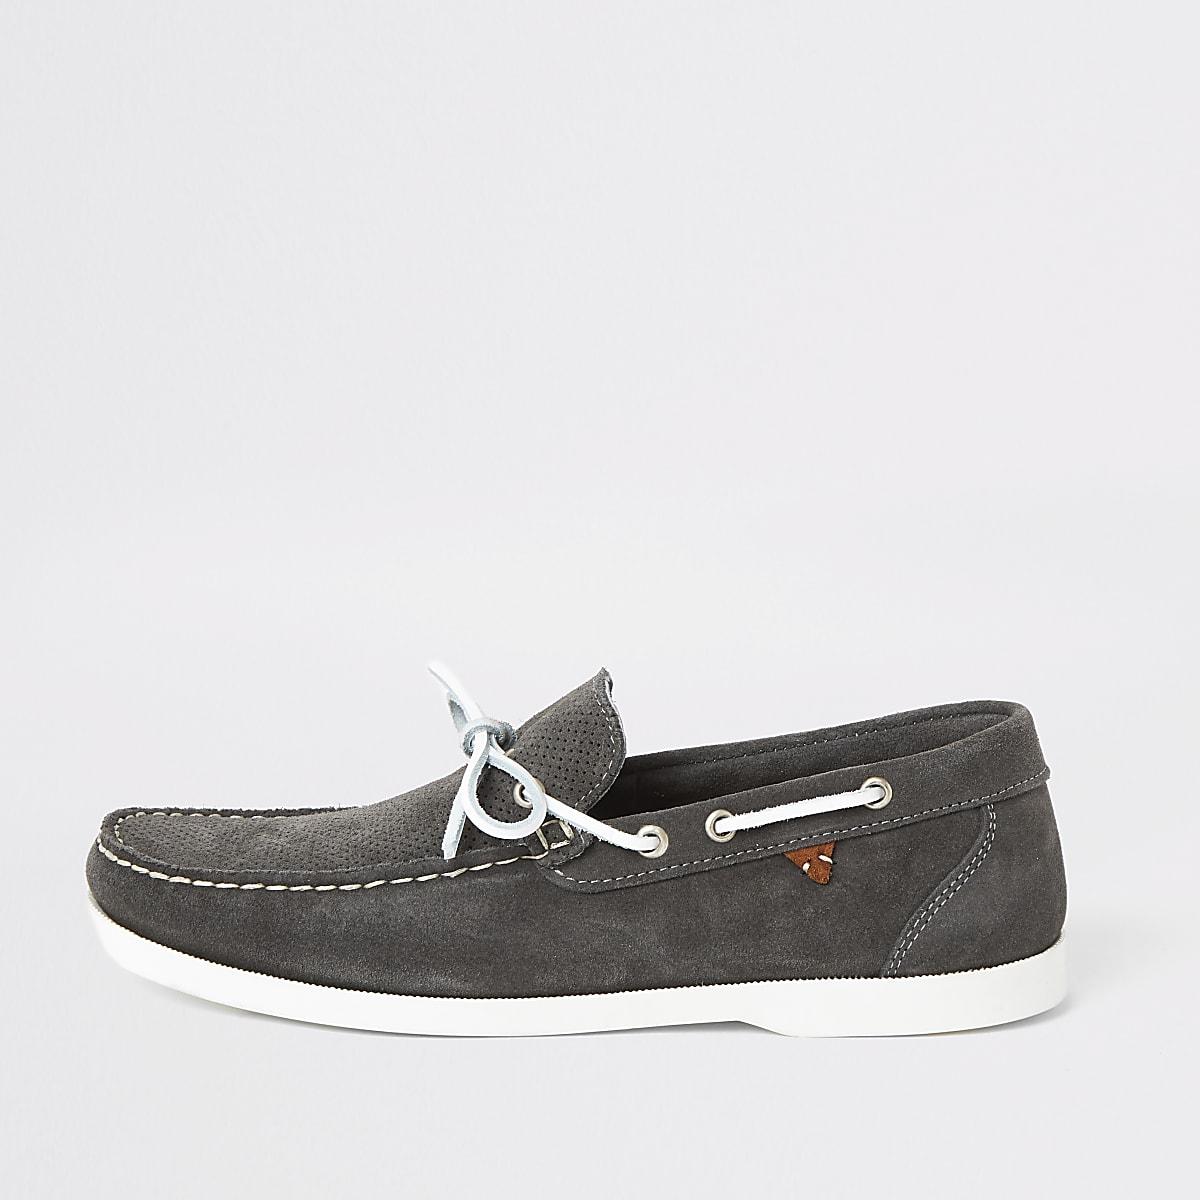 Chaussures bateau en daim gris